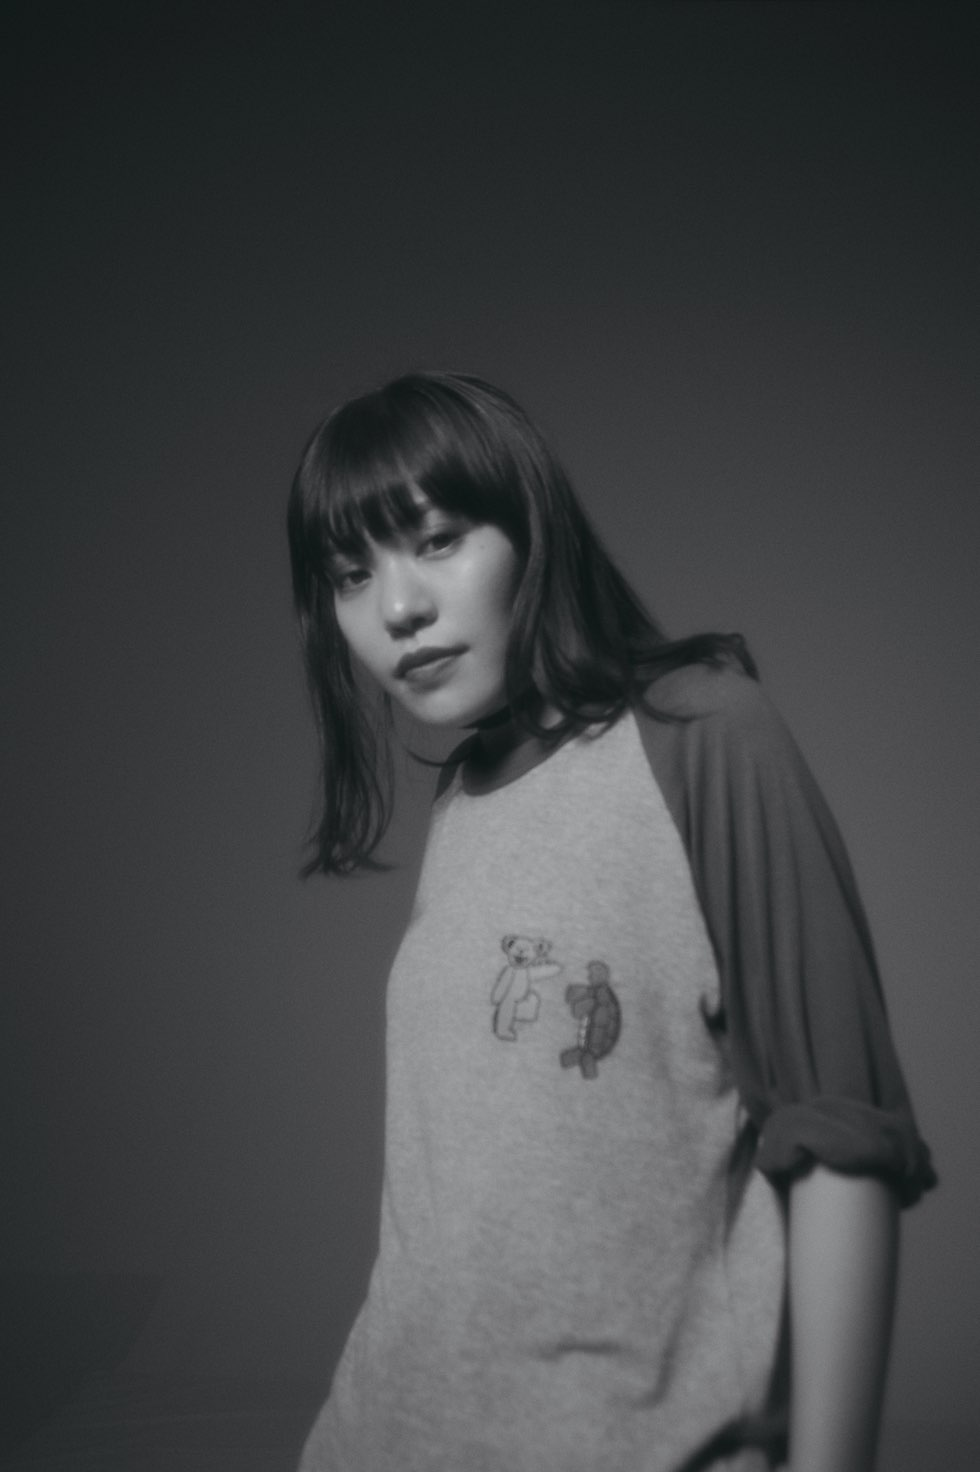 大城美友、アニメ「ログ・ホライズン 円卓崩壊」EDティザー公開&先行配信!